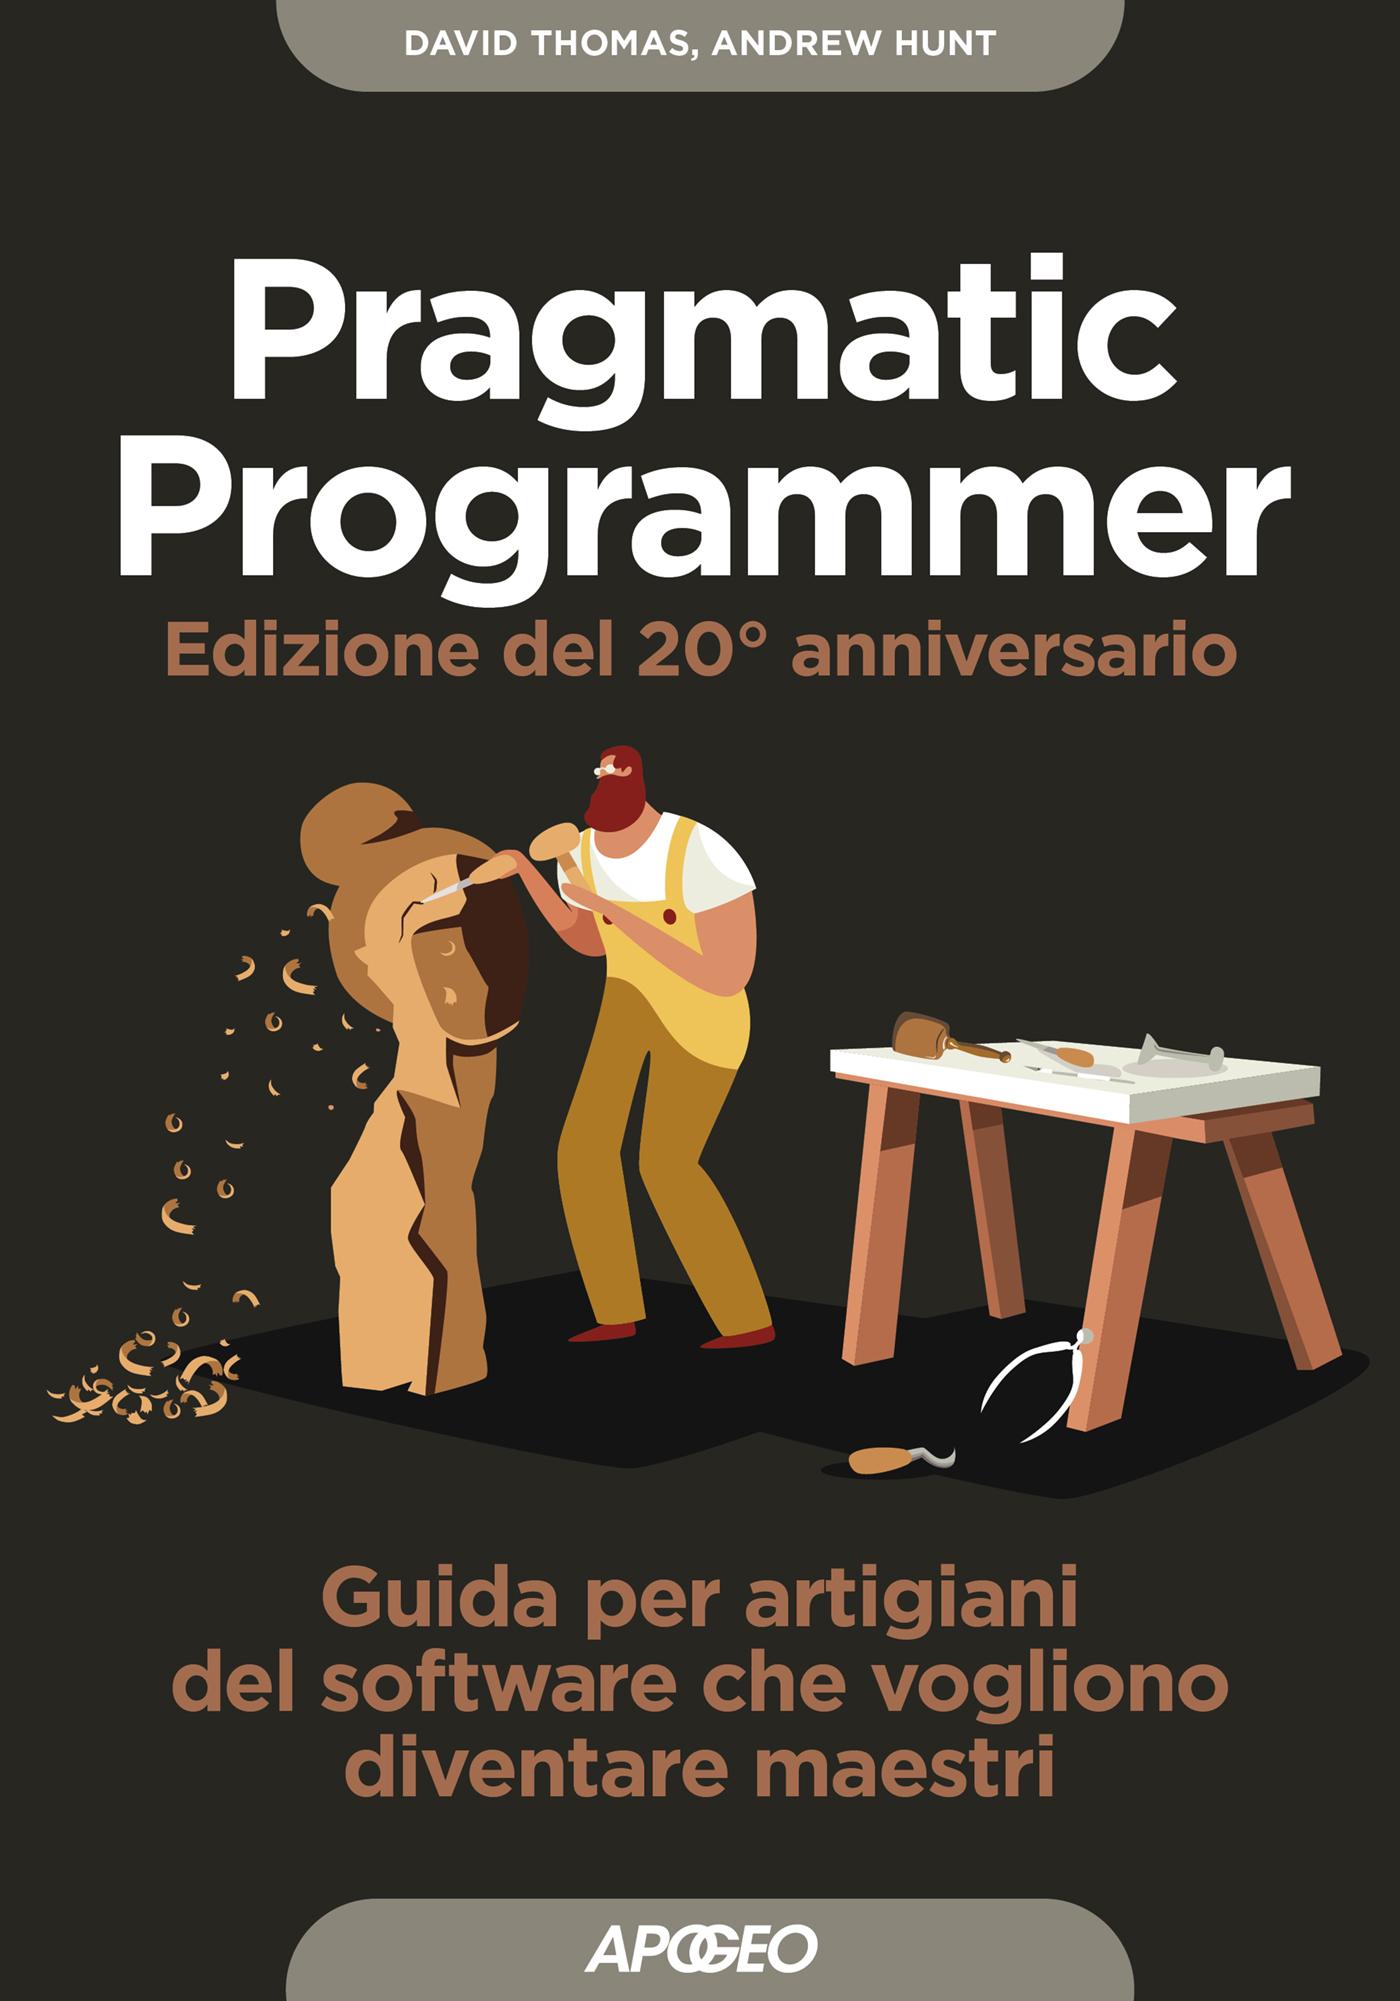 Pragmatic Programmer - Edizione del 20° anniversario